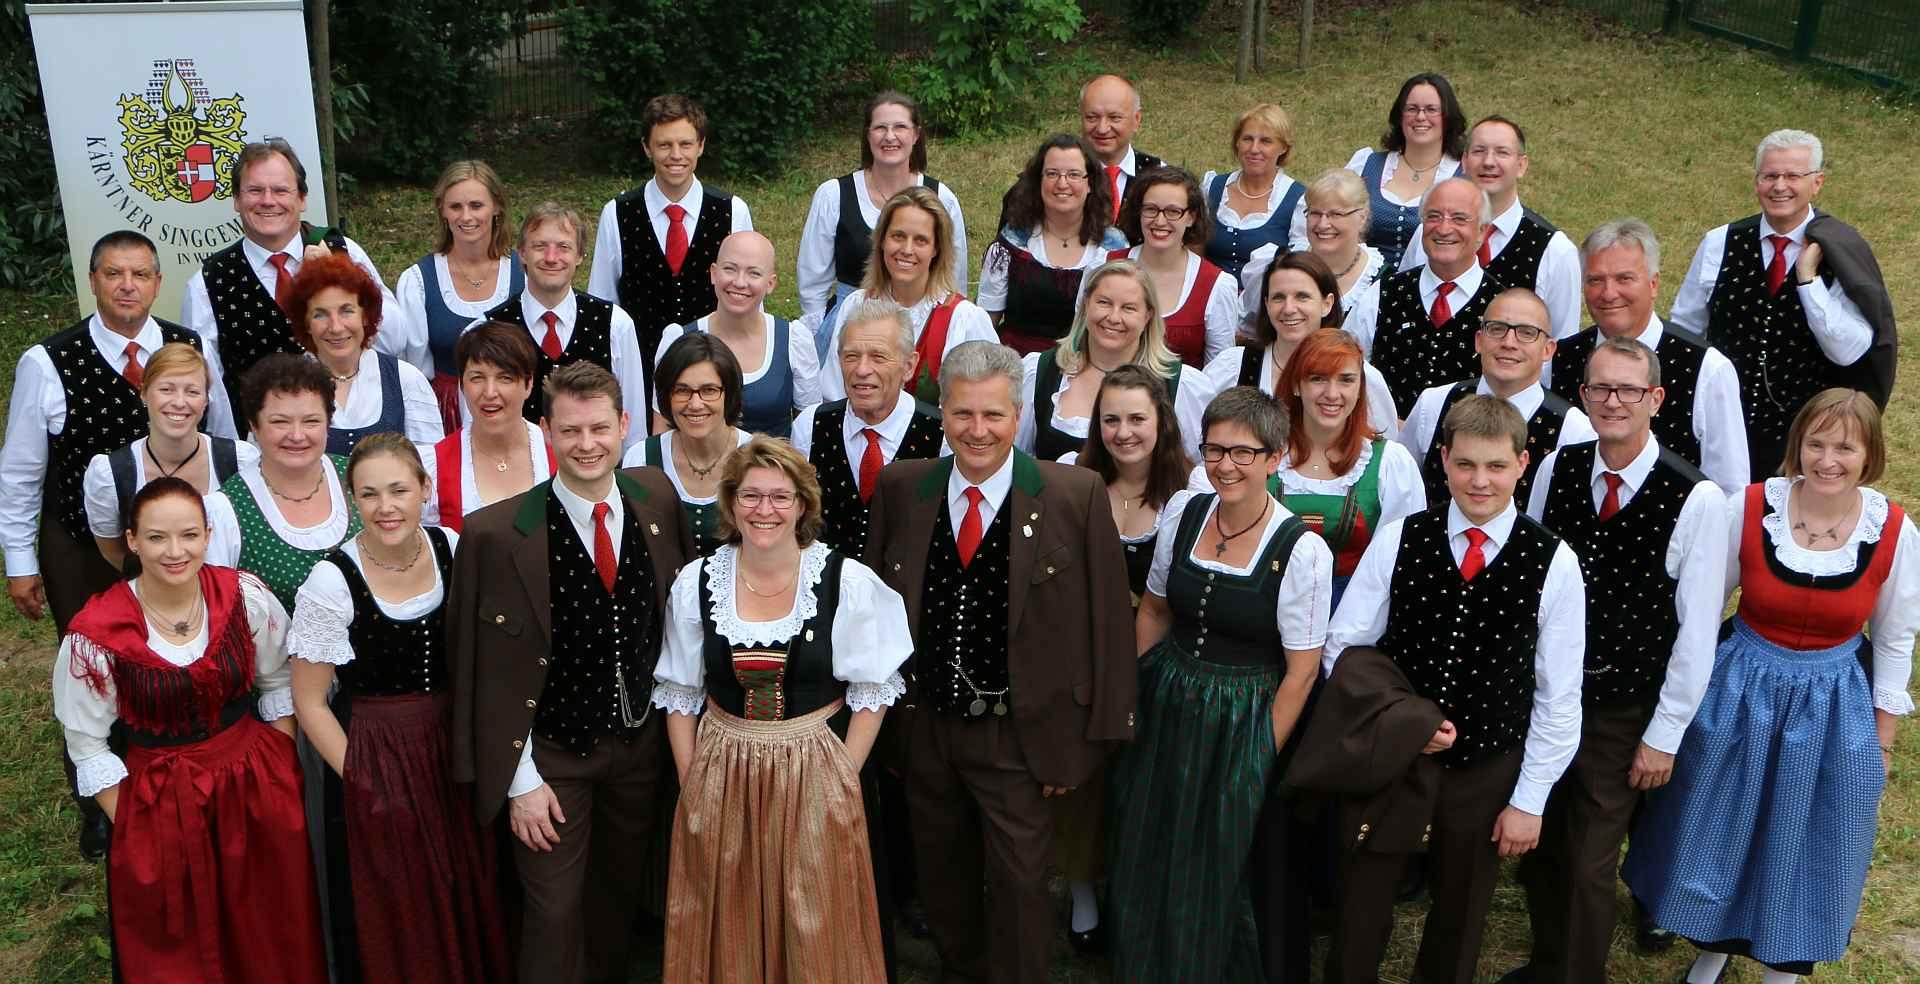 Kärntner Liederabend - Wunschkonzert